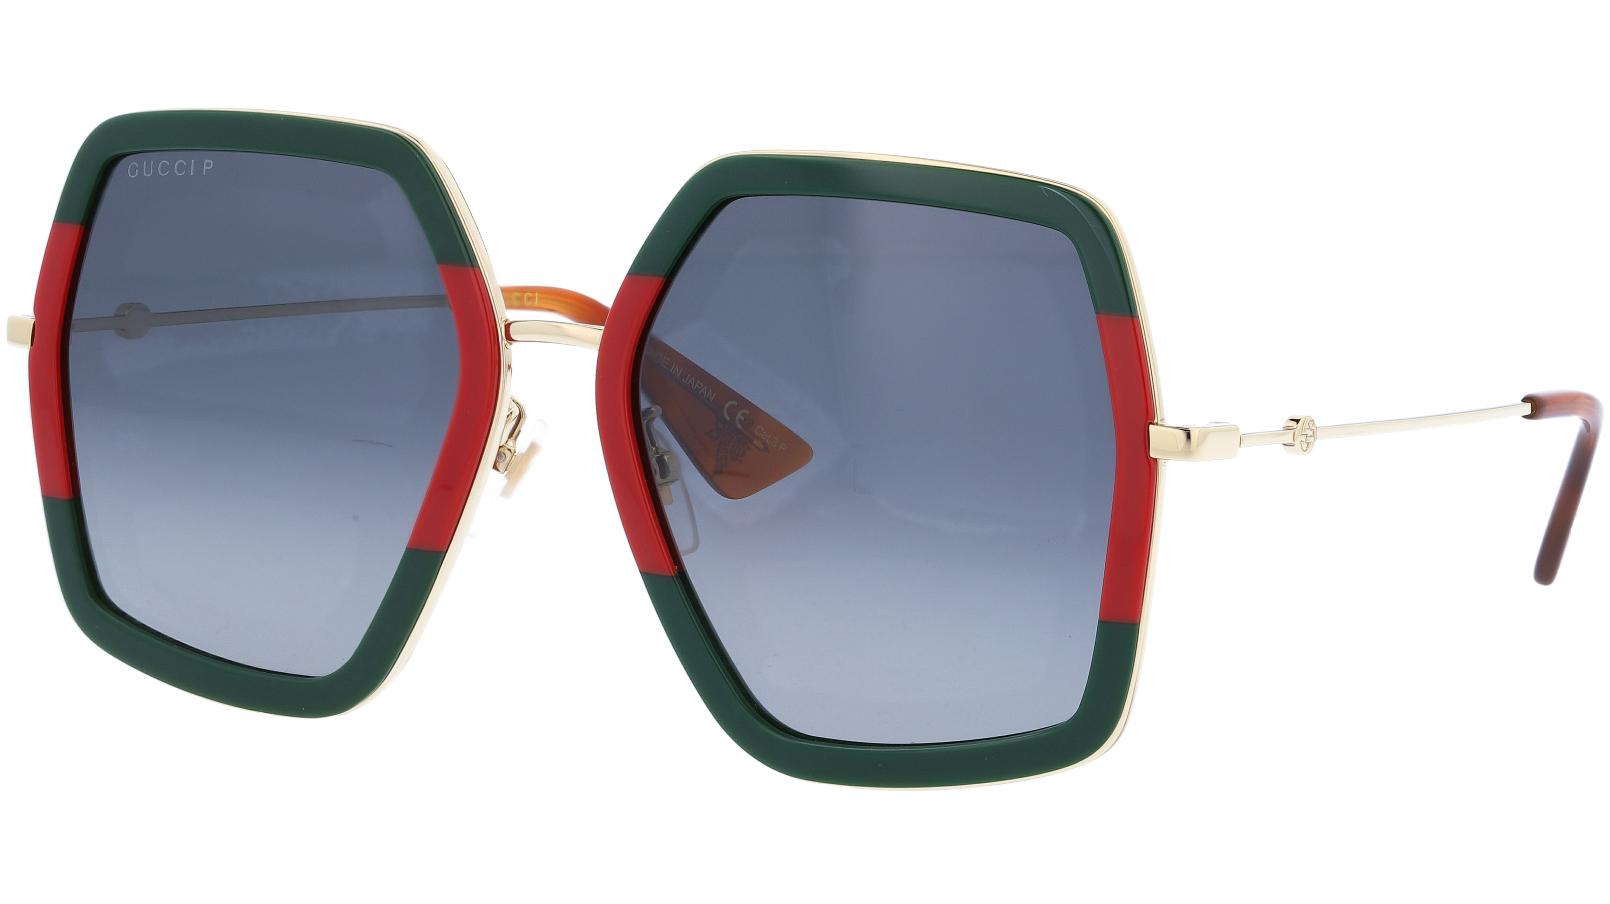 GUCCI GG0106S 008 56 GREEN Sunglasses